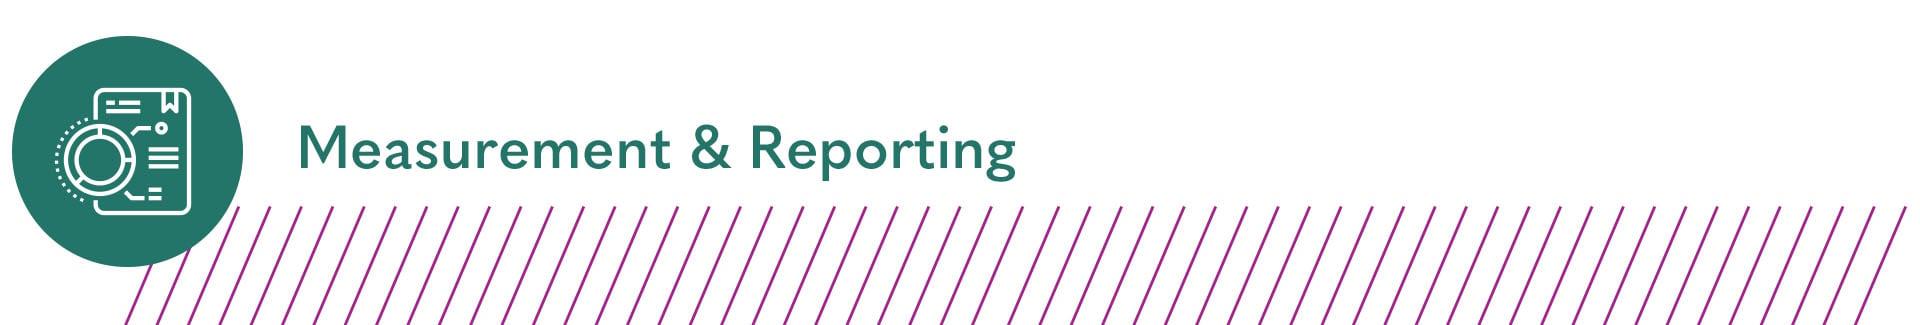 Measurement & Reporting